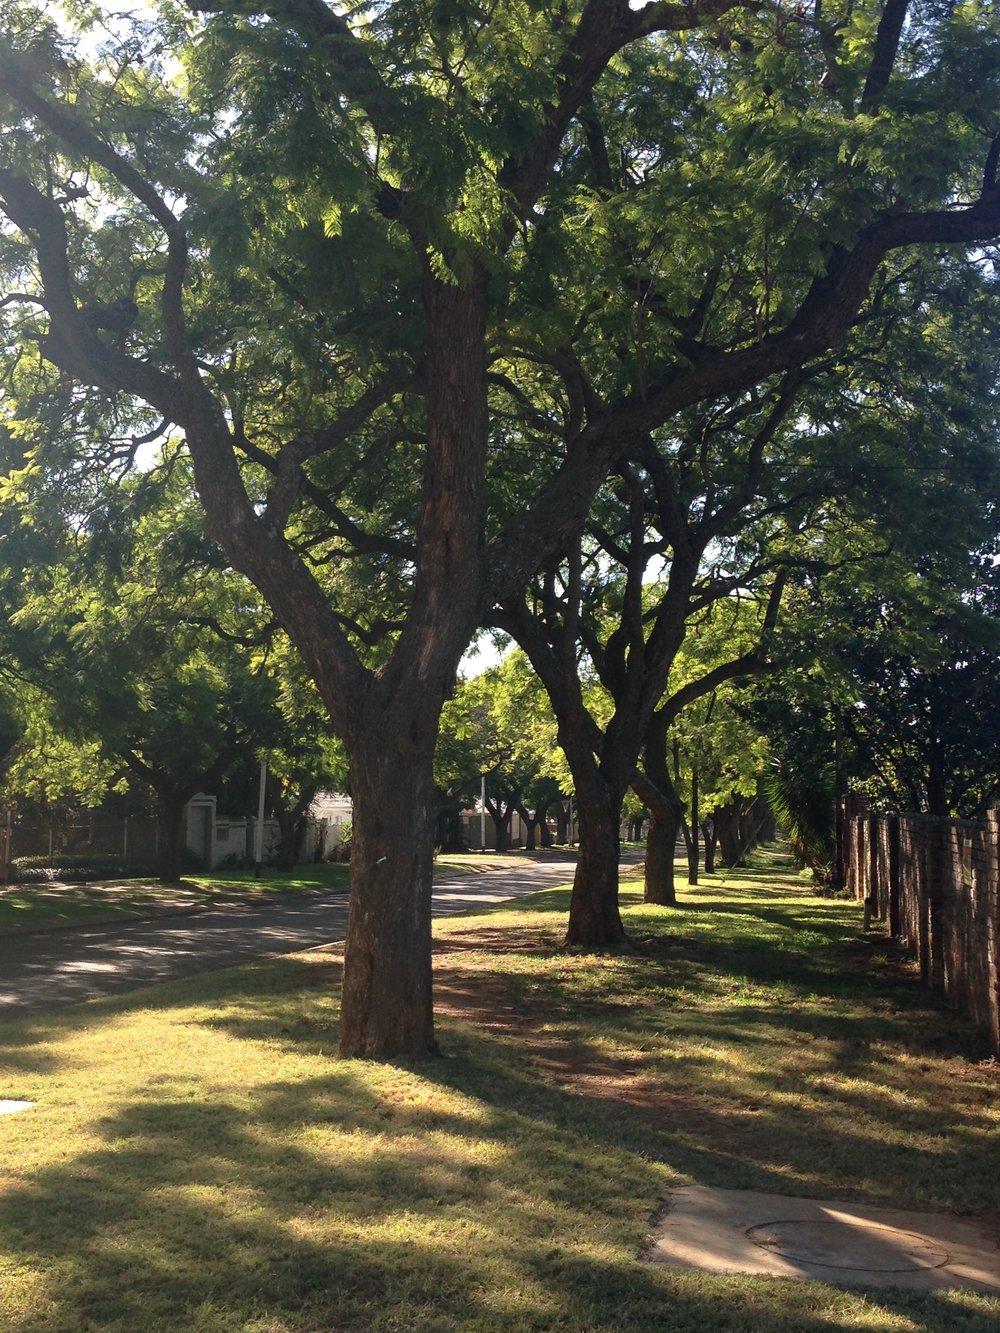 Verdant - Pretoria, South Africa